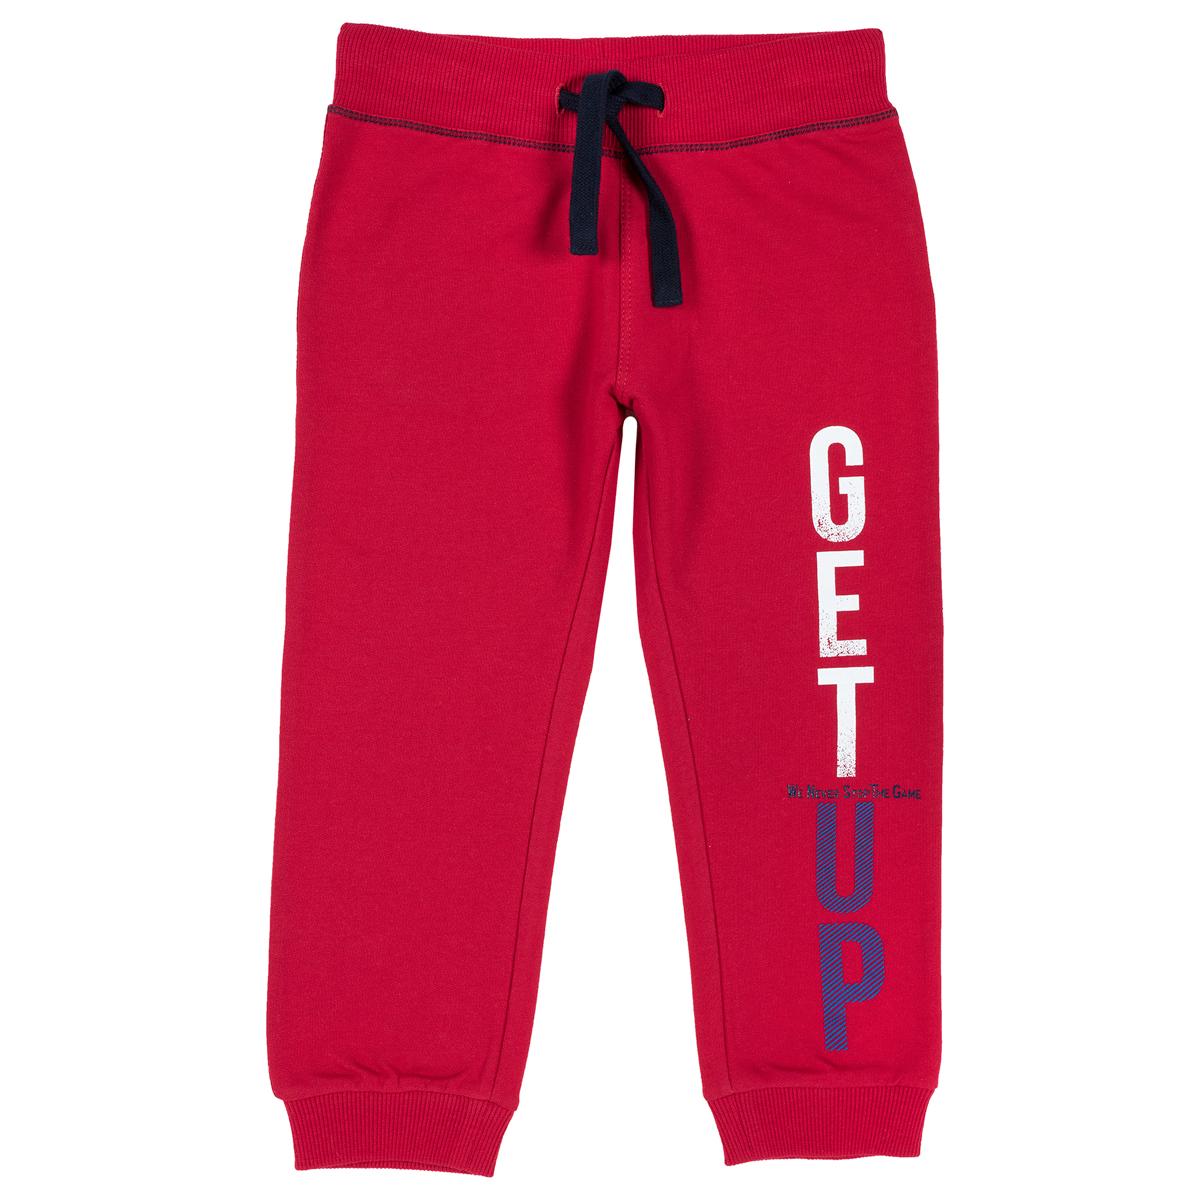 Pantalon trening copii, mansete elastice, rosu, 24919